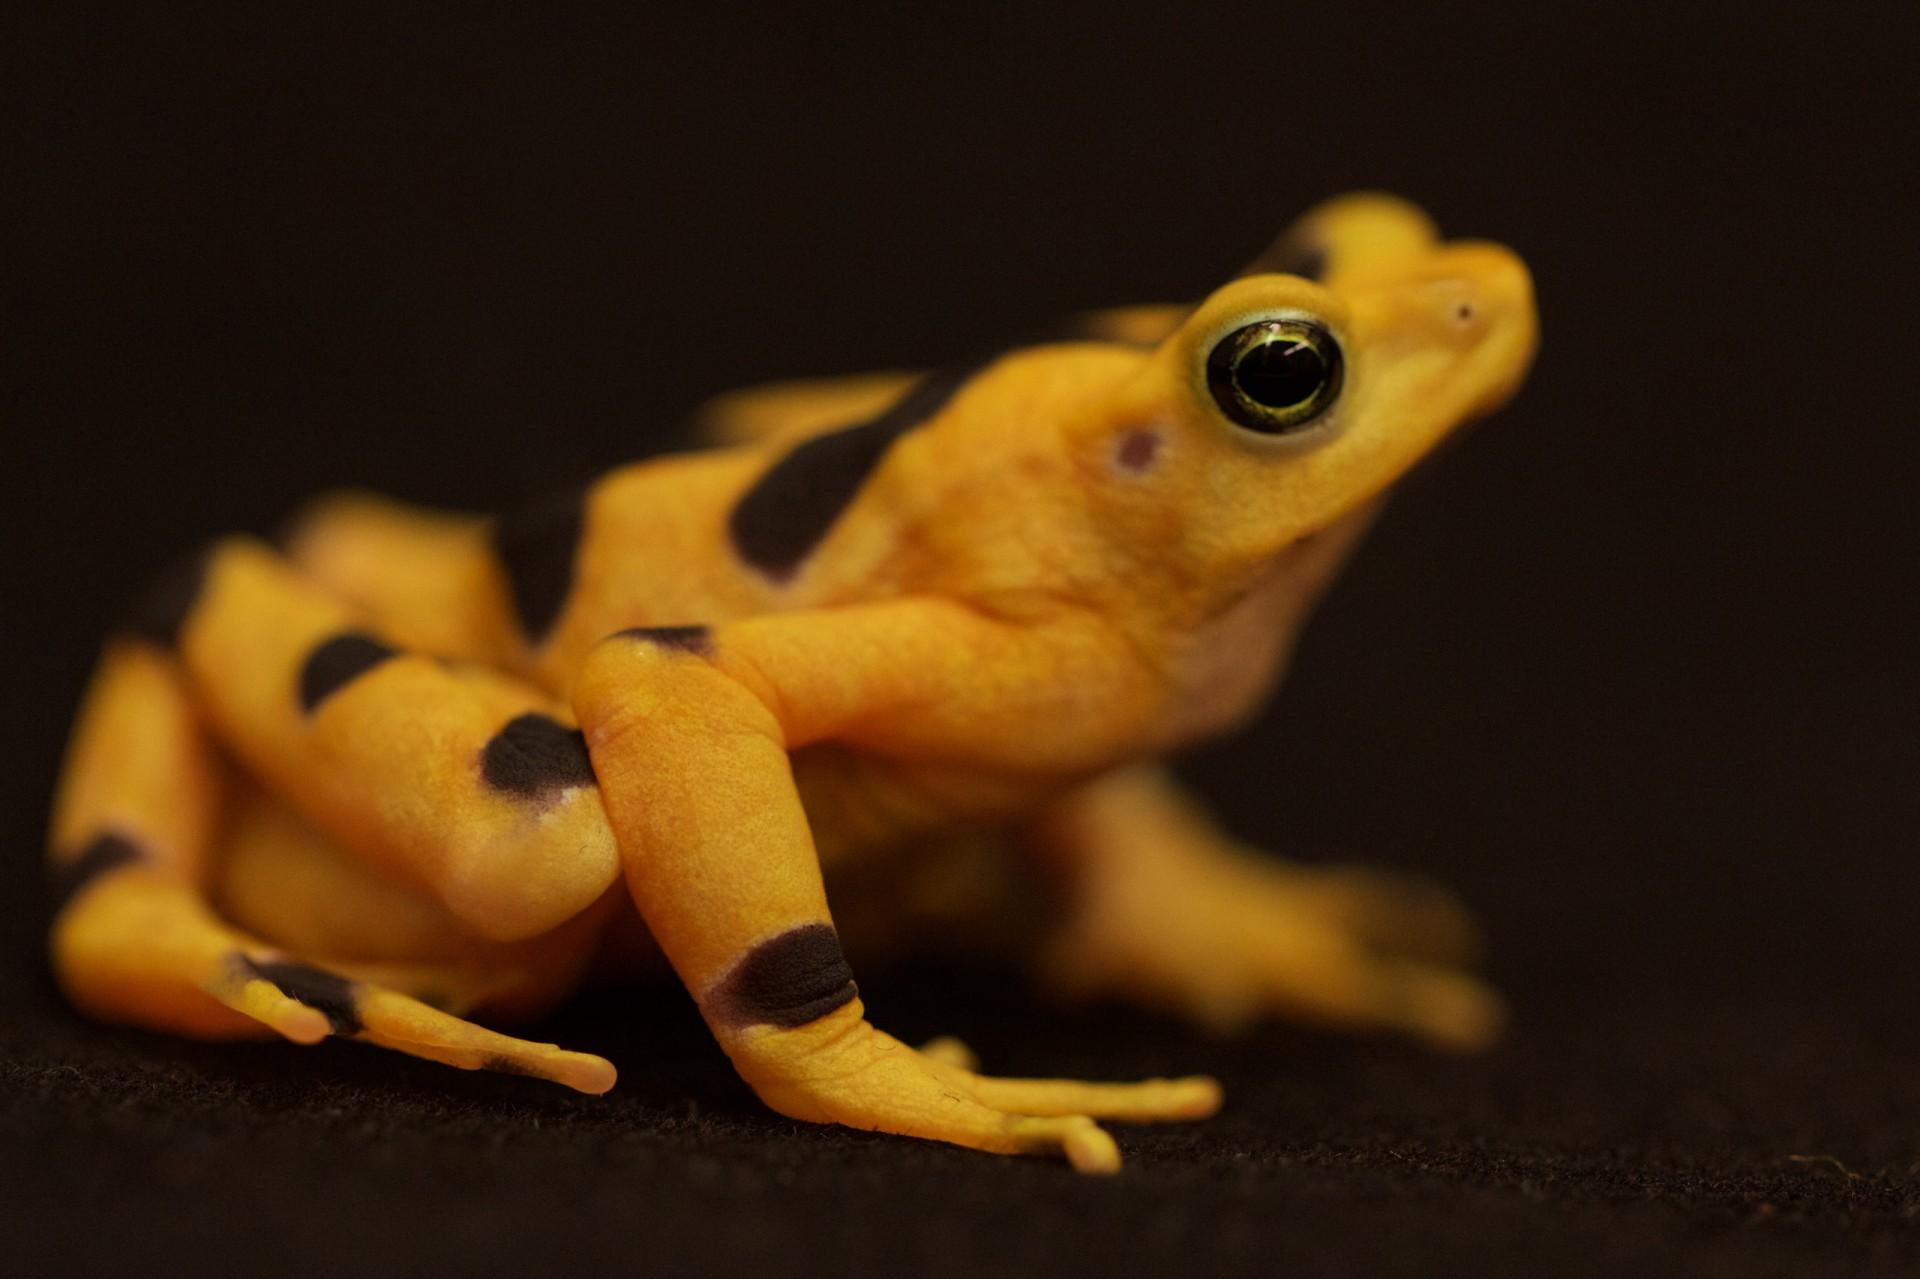 Golden frog skin